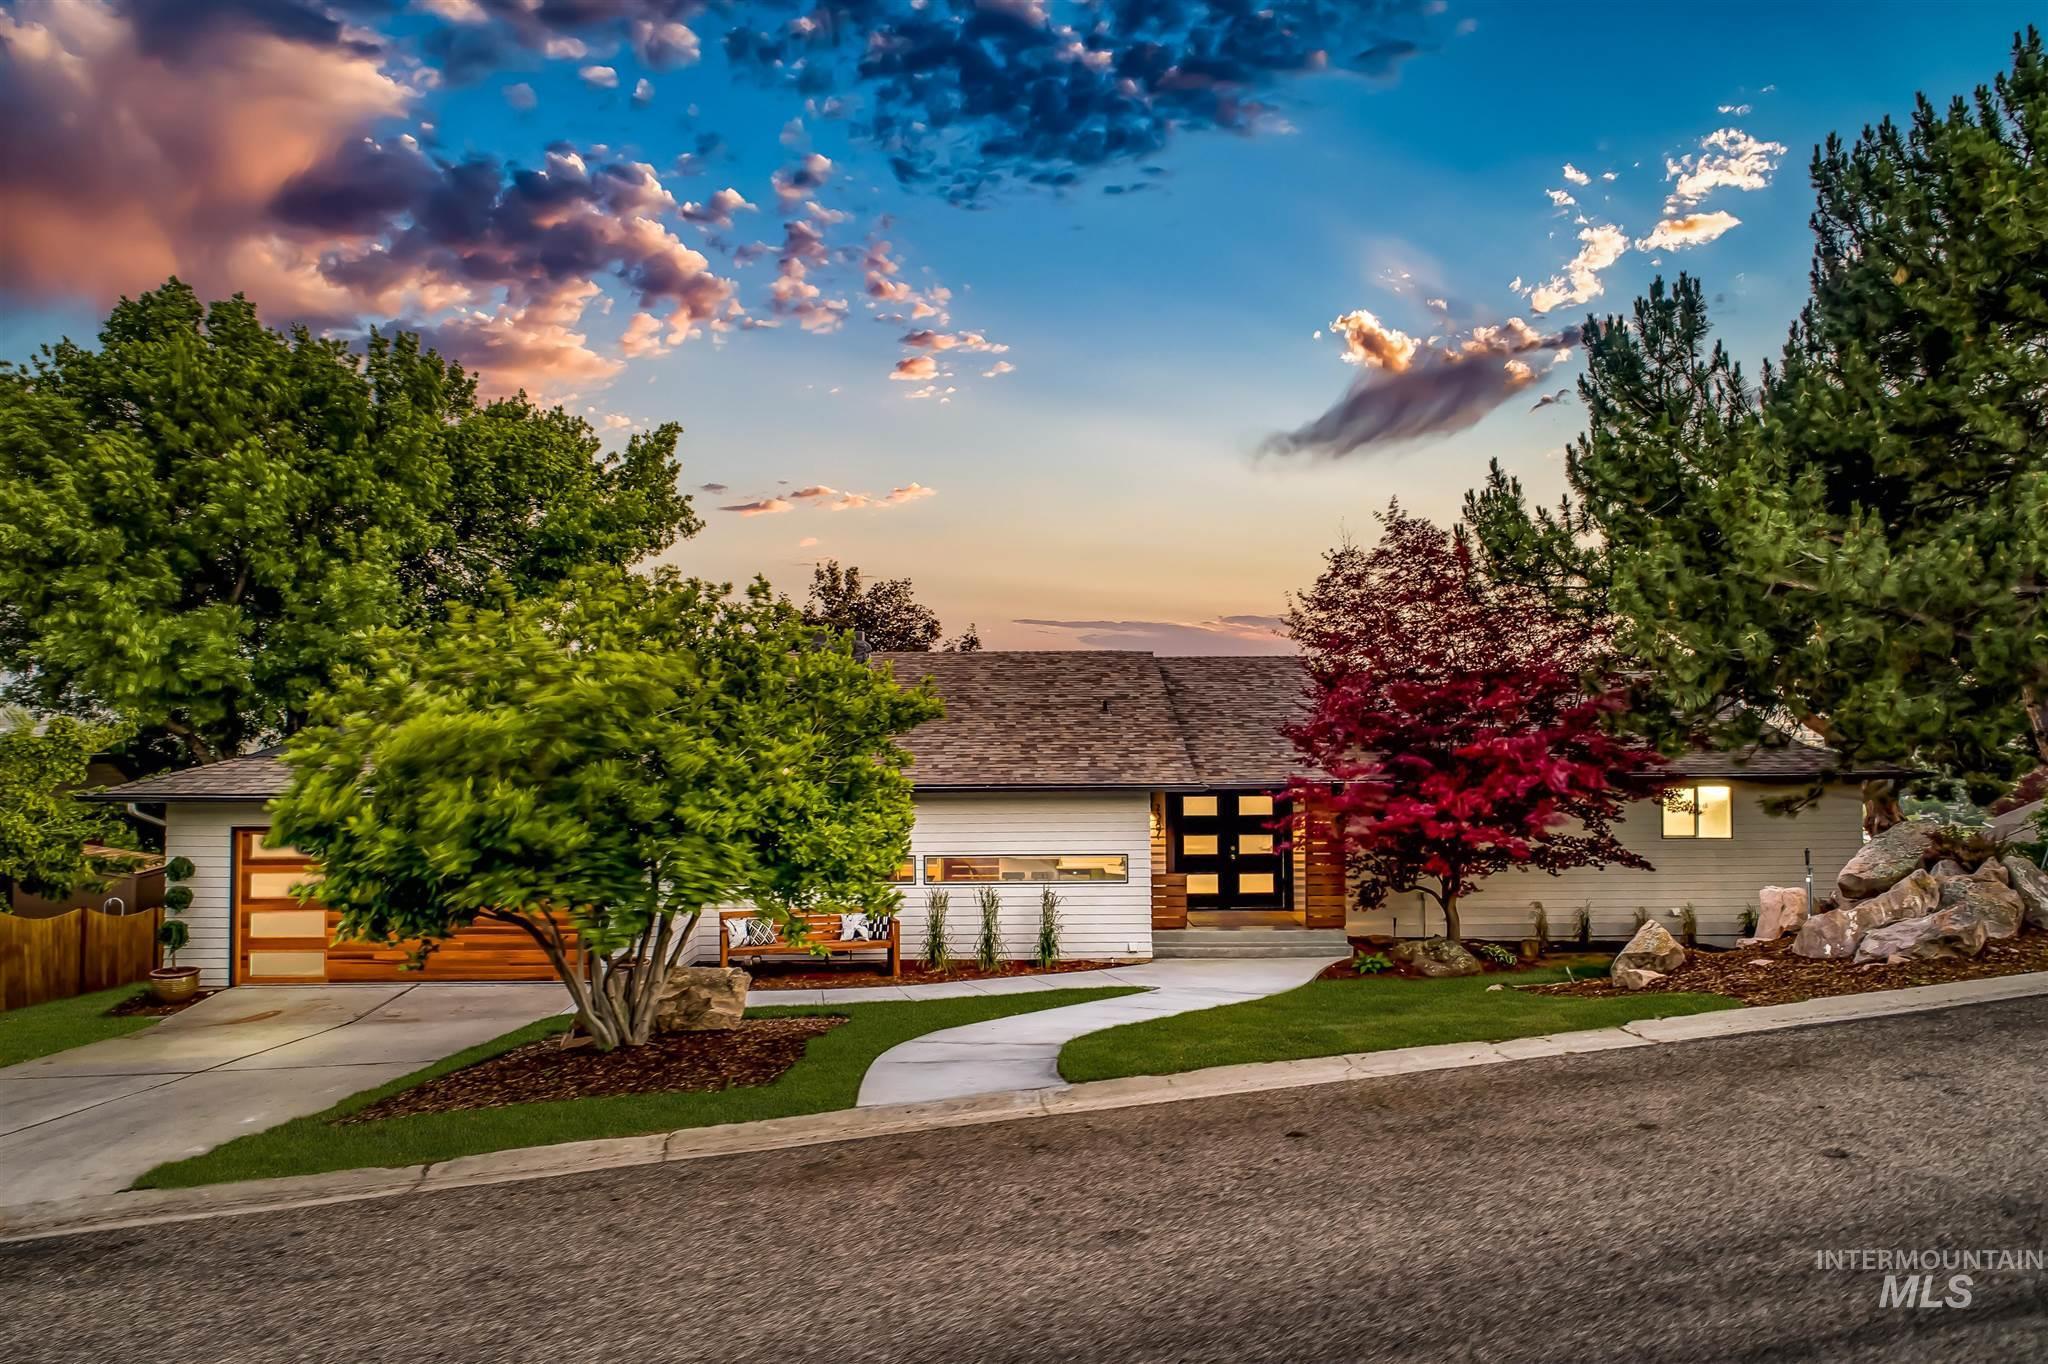 2387 S Ridgeview Way Property Photo 1